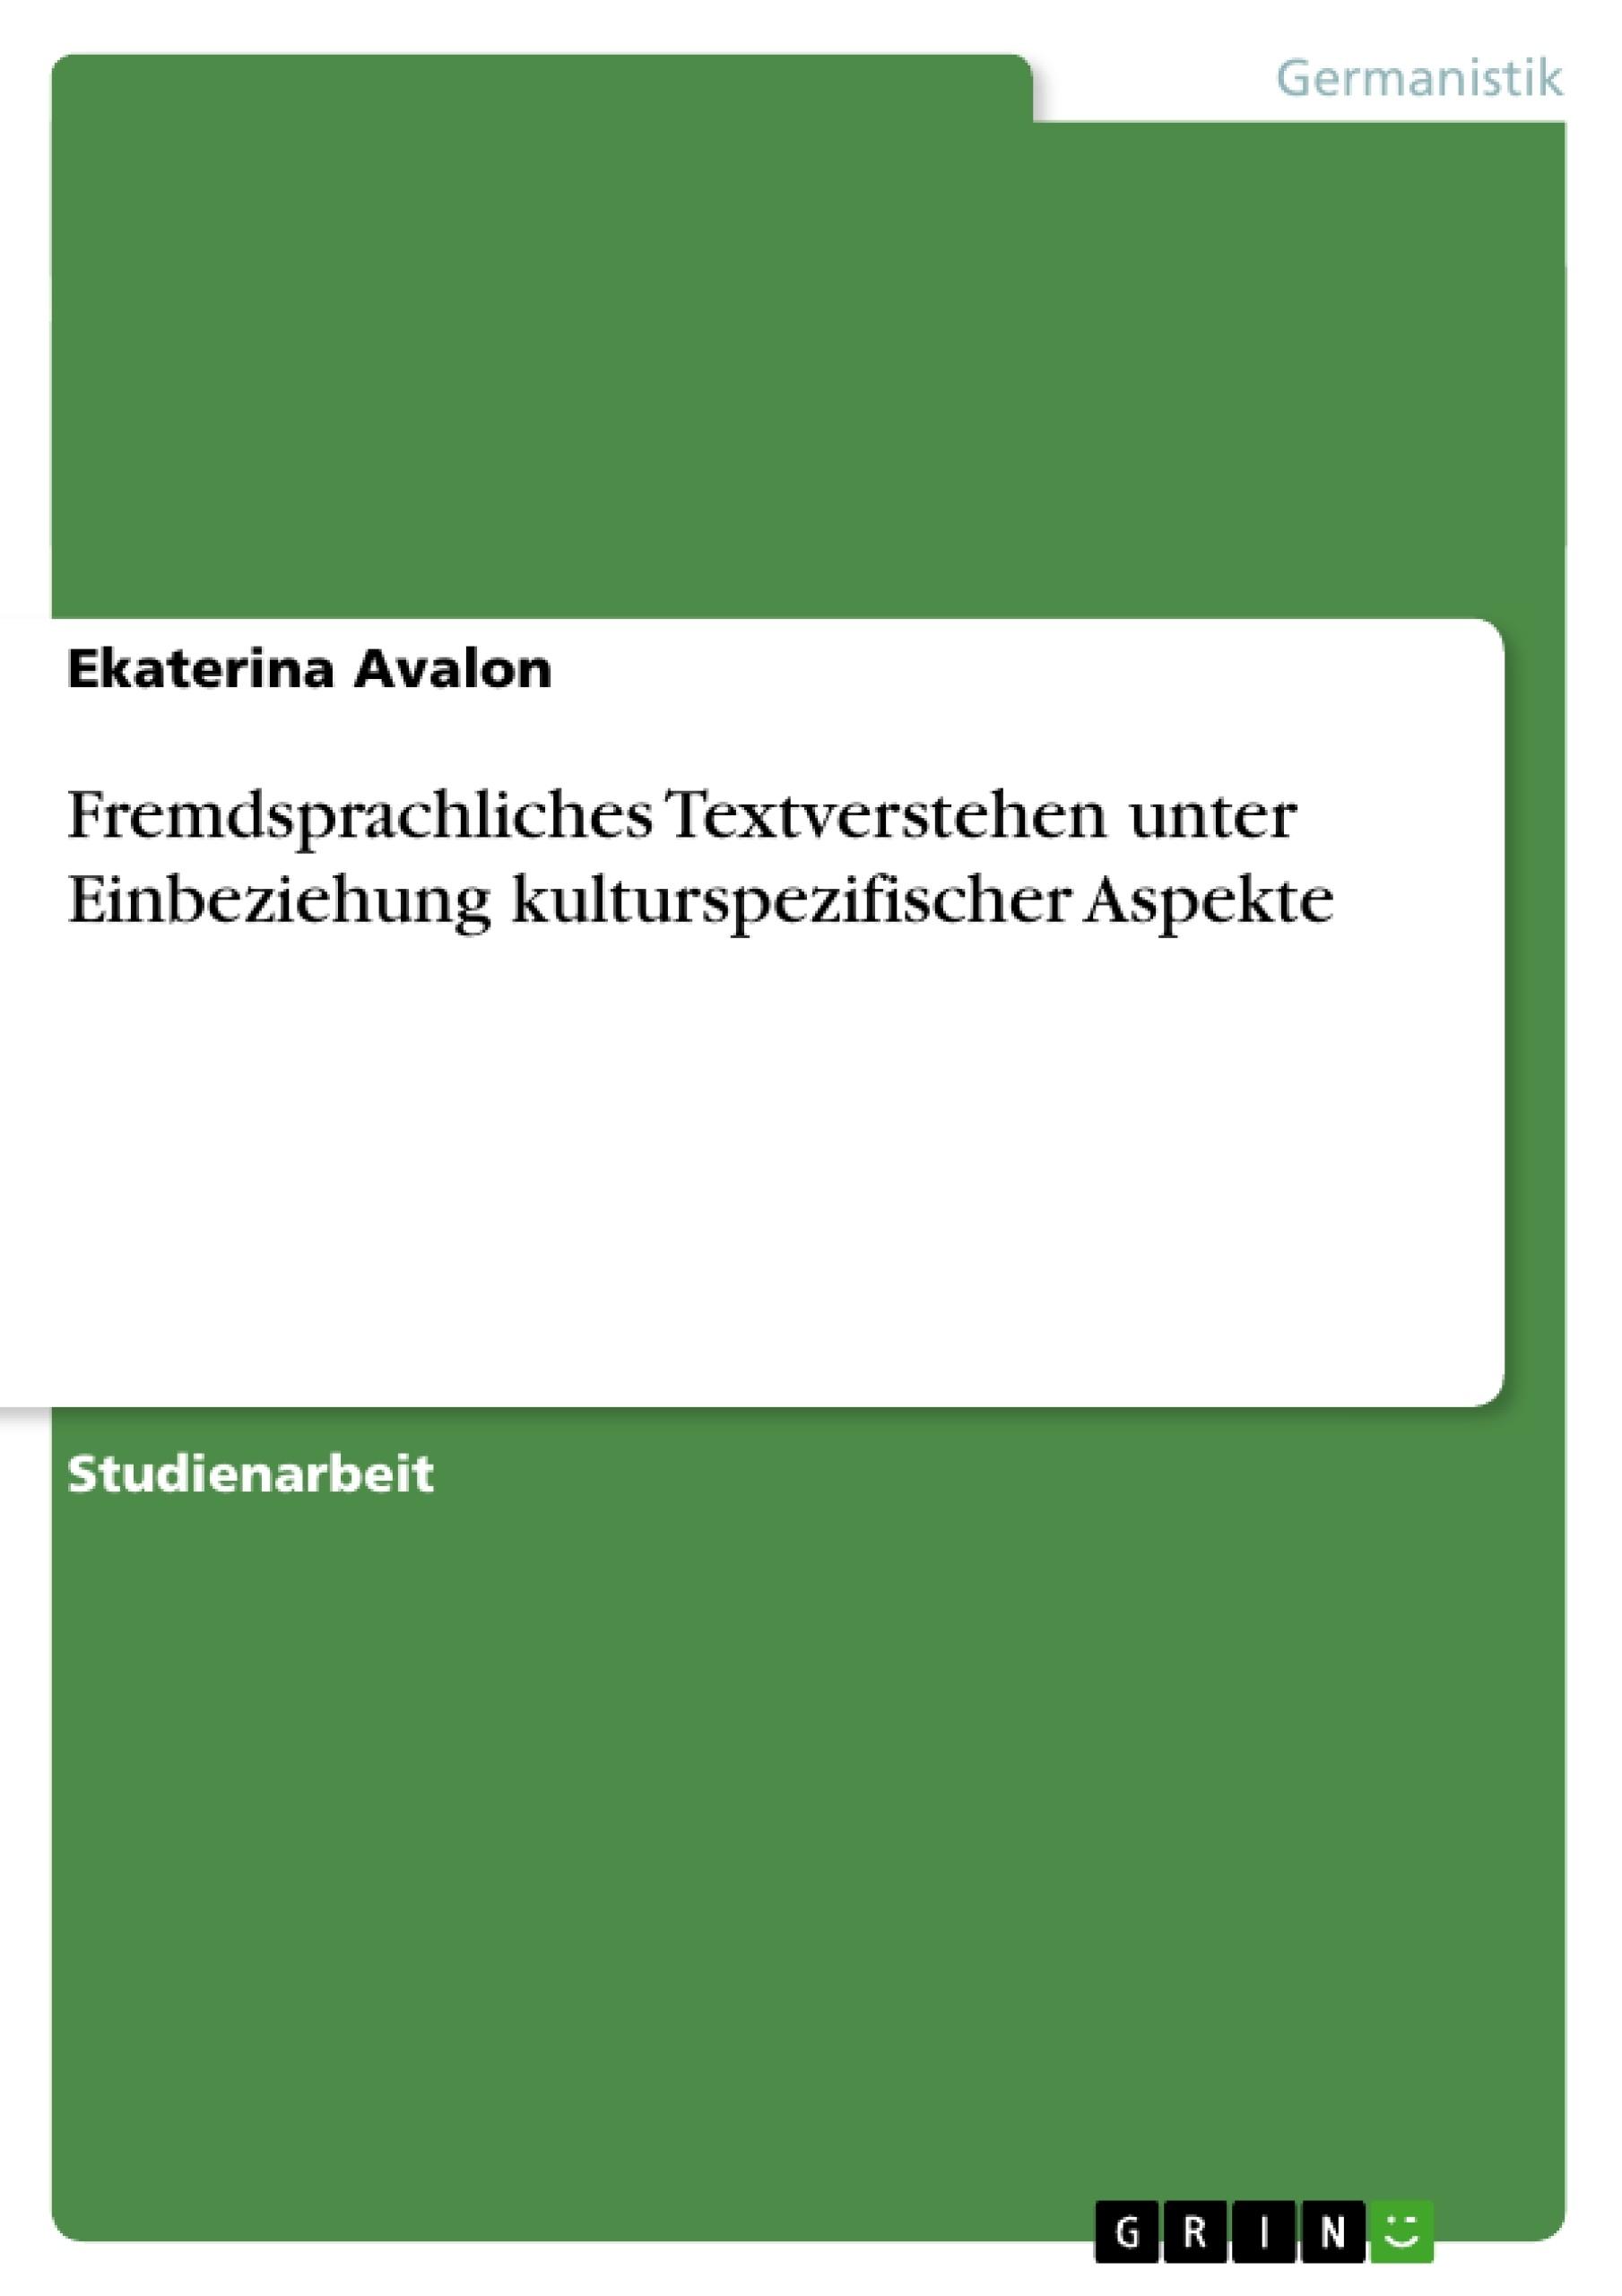 Titel: Fremdsprachliches Textverstehen unter Einbeziehung kulturspezifischer Aspekte